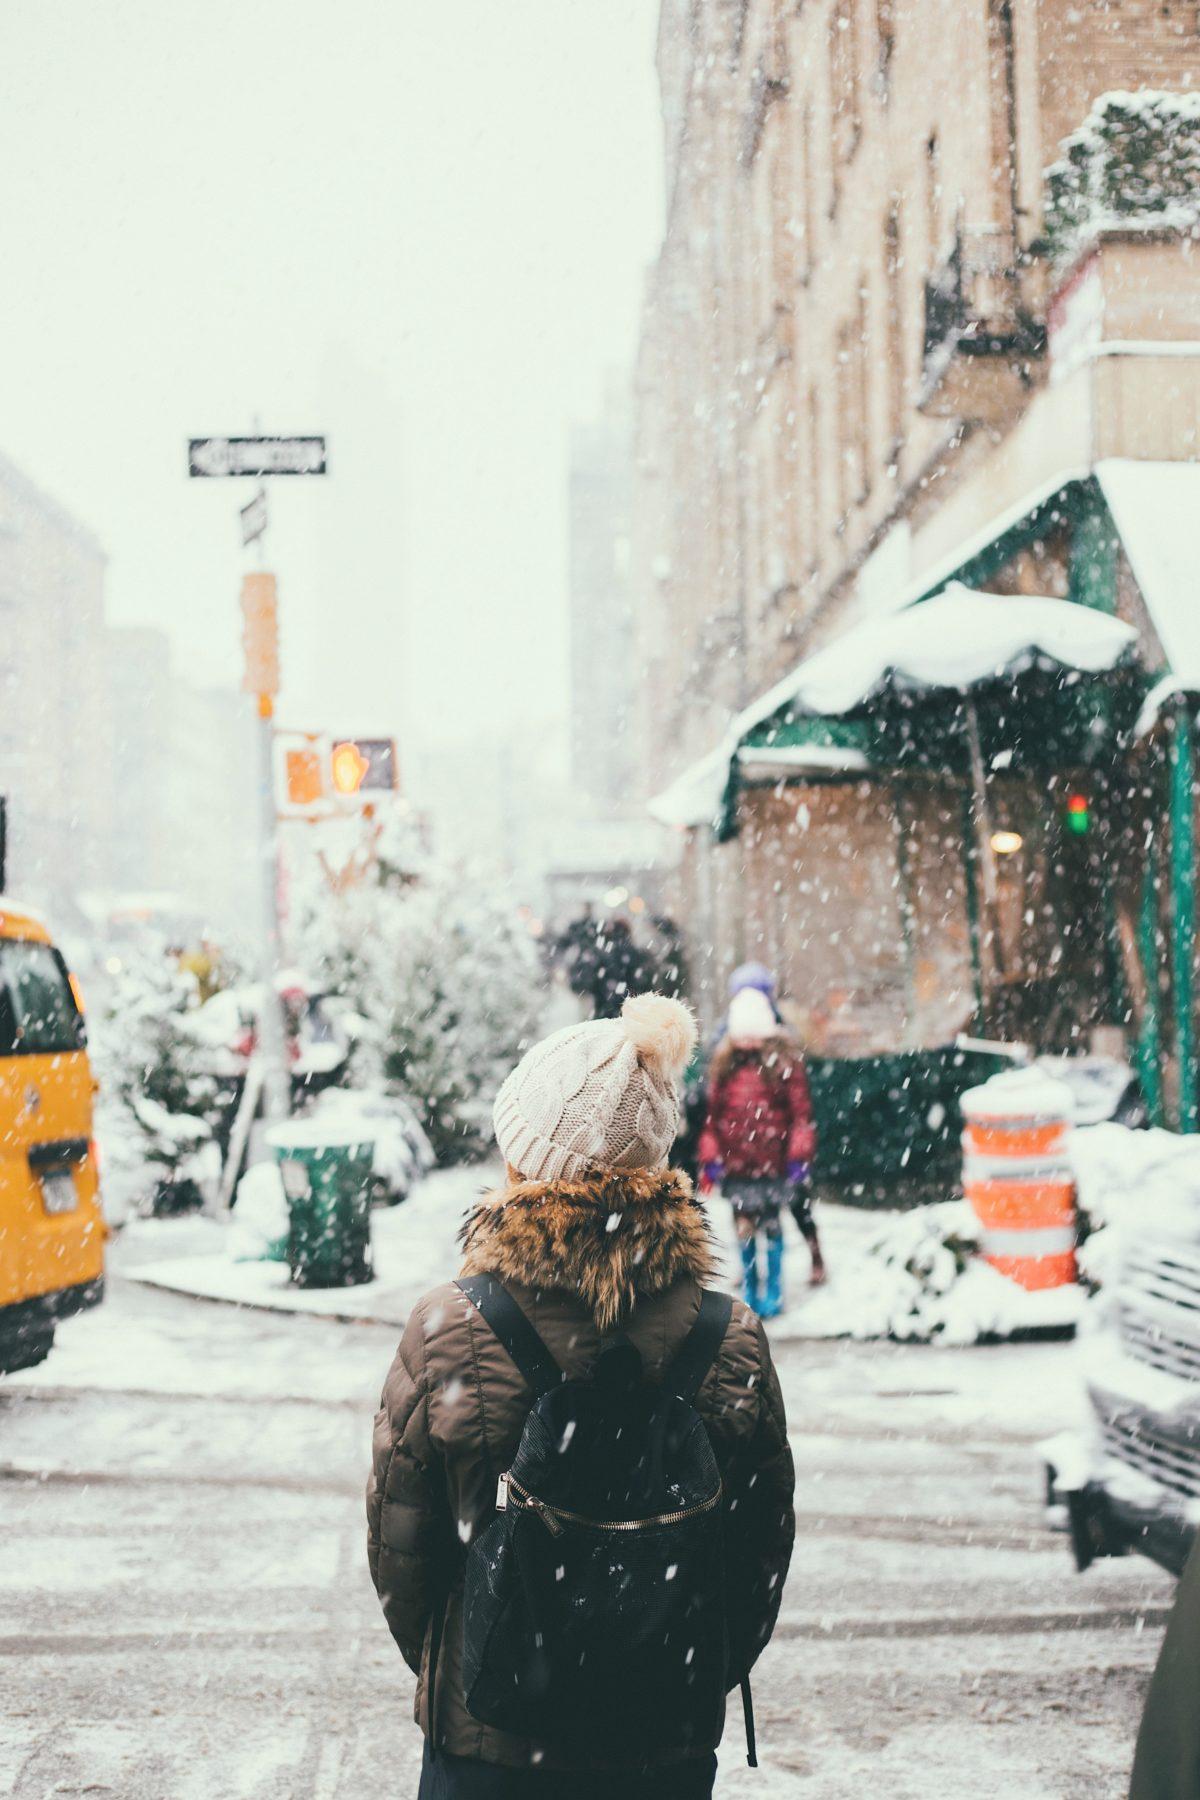 Vacances d'hiver 2019-2020